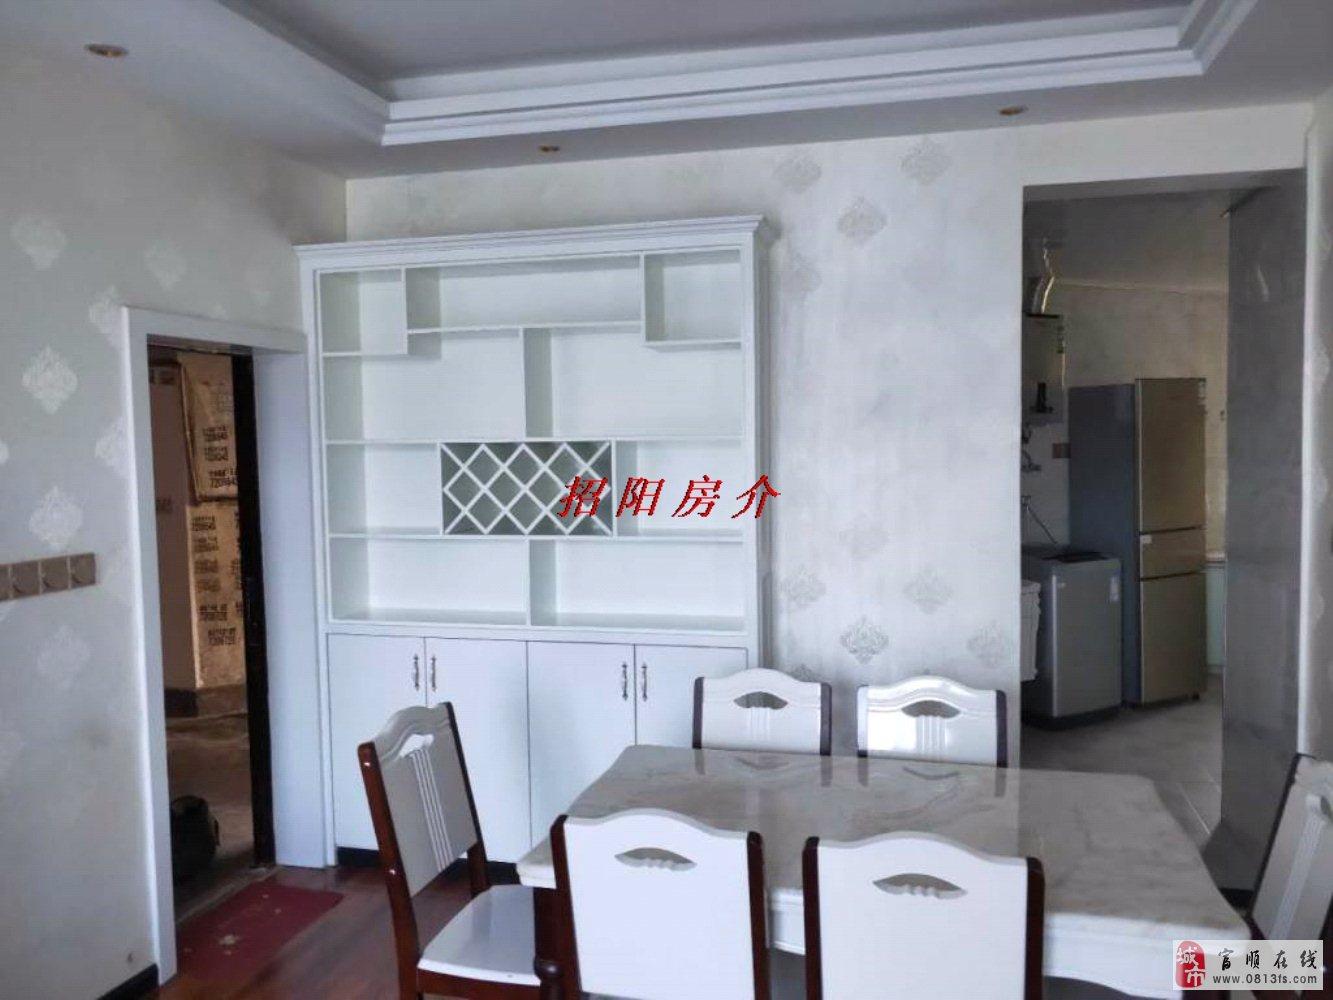 09846白杨湾附近全新精装2居室送家电家具急售